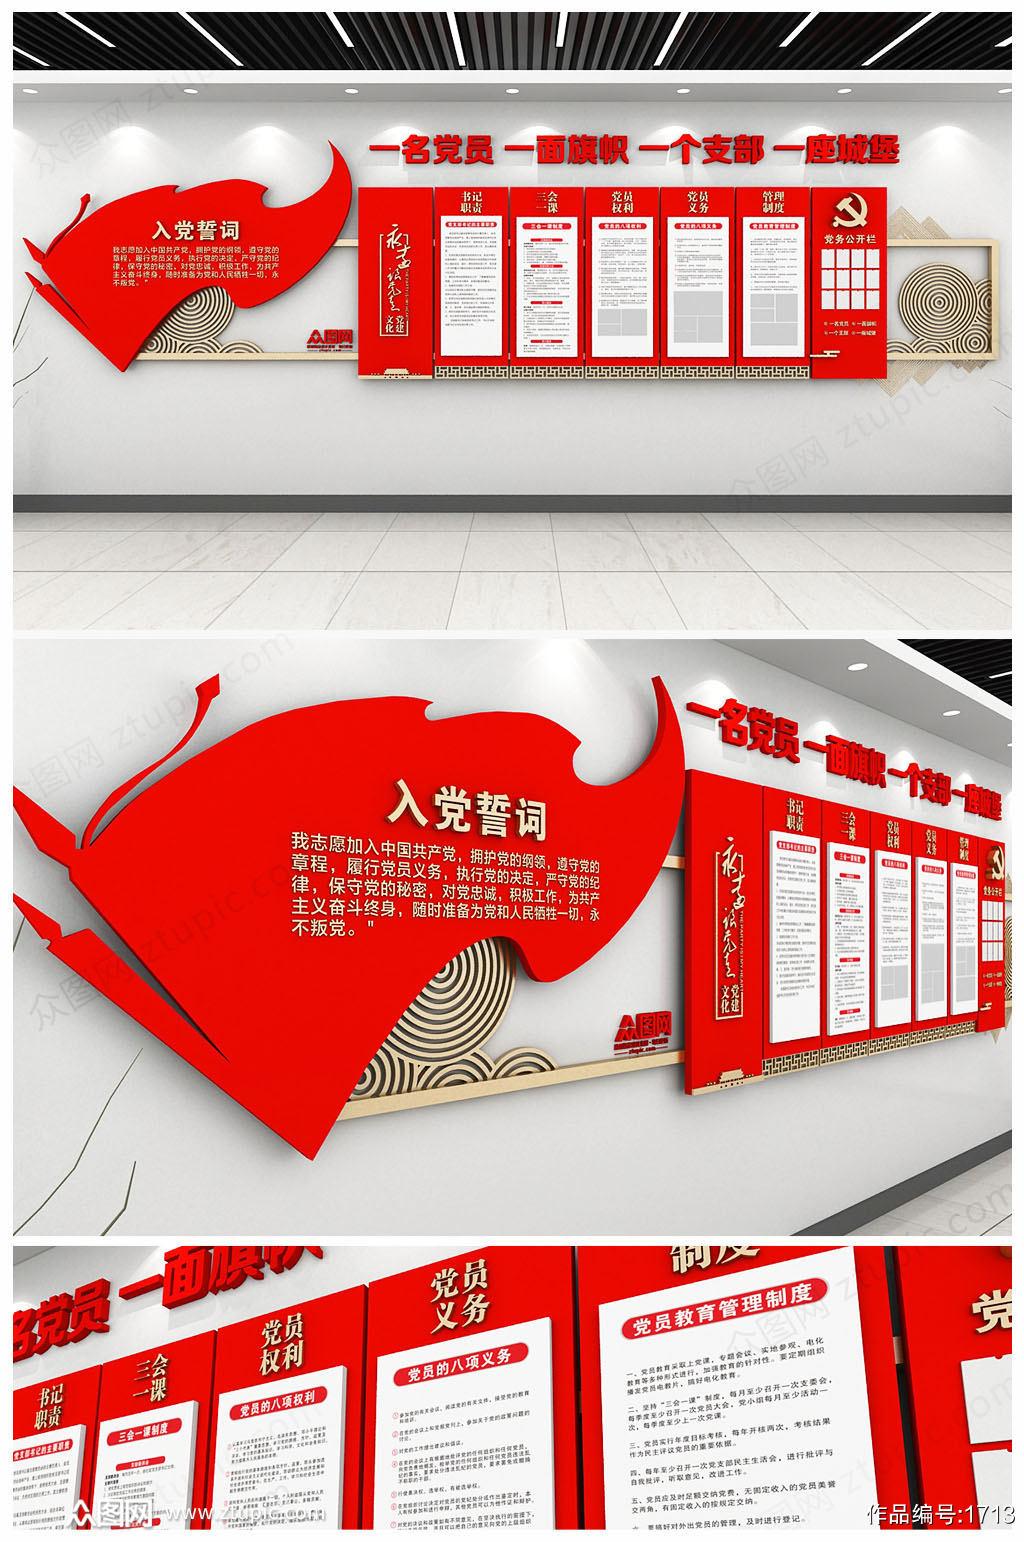 原创入党誓词文化墙内容布置设计图素材